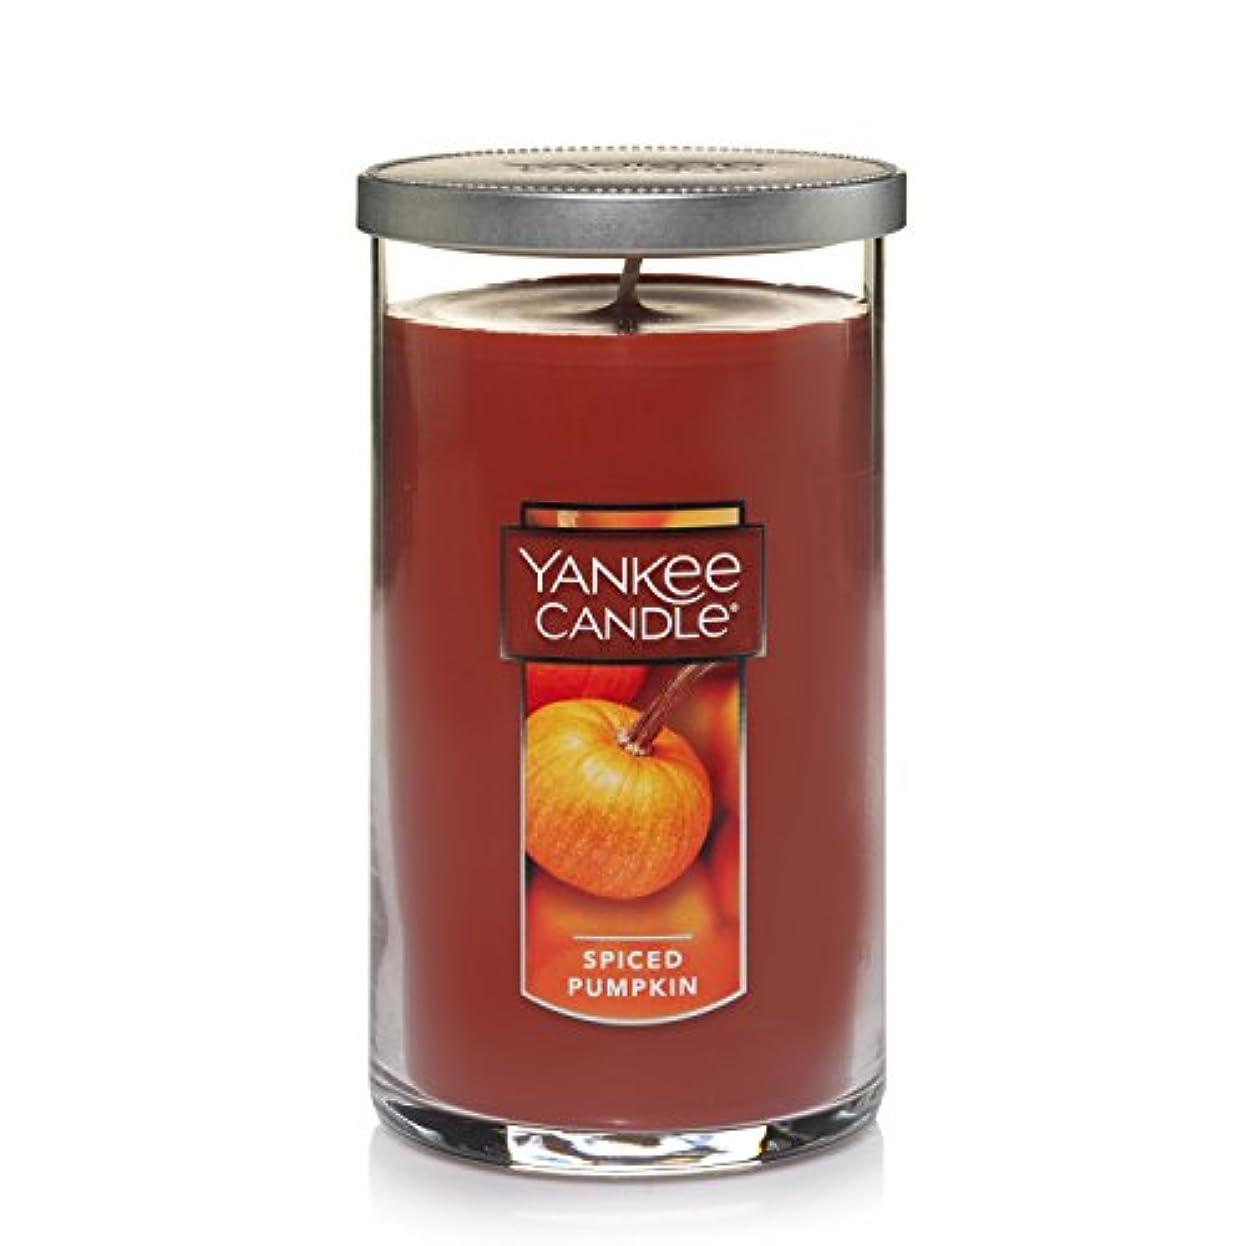 直感医療過誤チャネル(ヤンキーキャンドル) Yankee Candle スパイスパンプキン Medium Perfect PillarTM Candle レッド 1221205Z